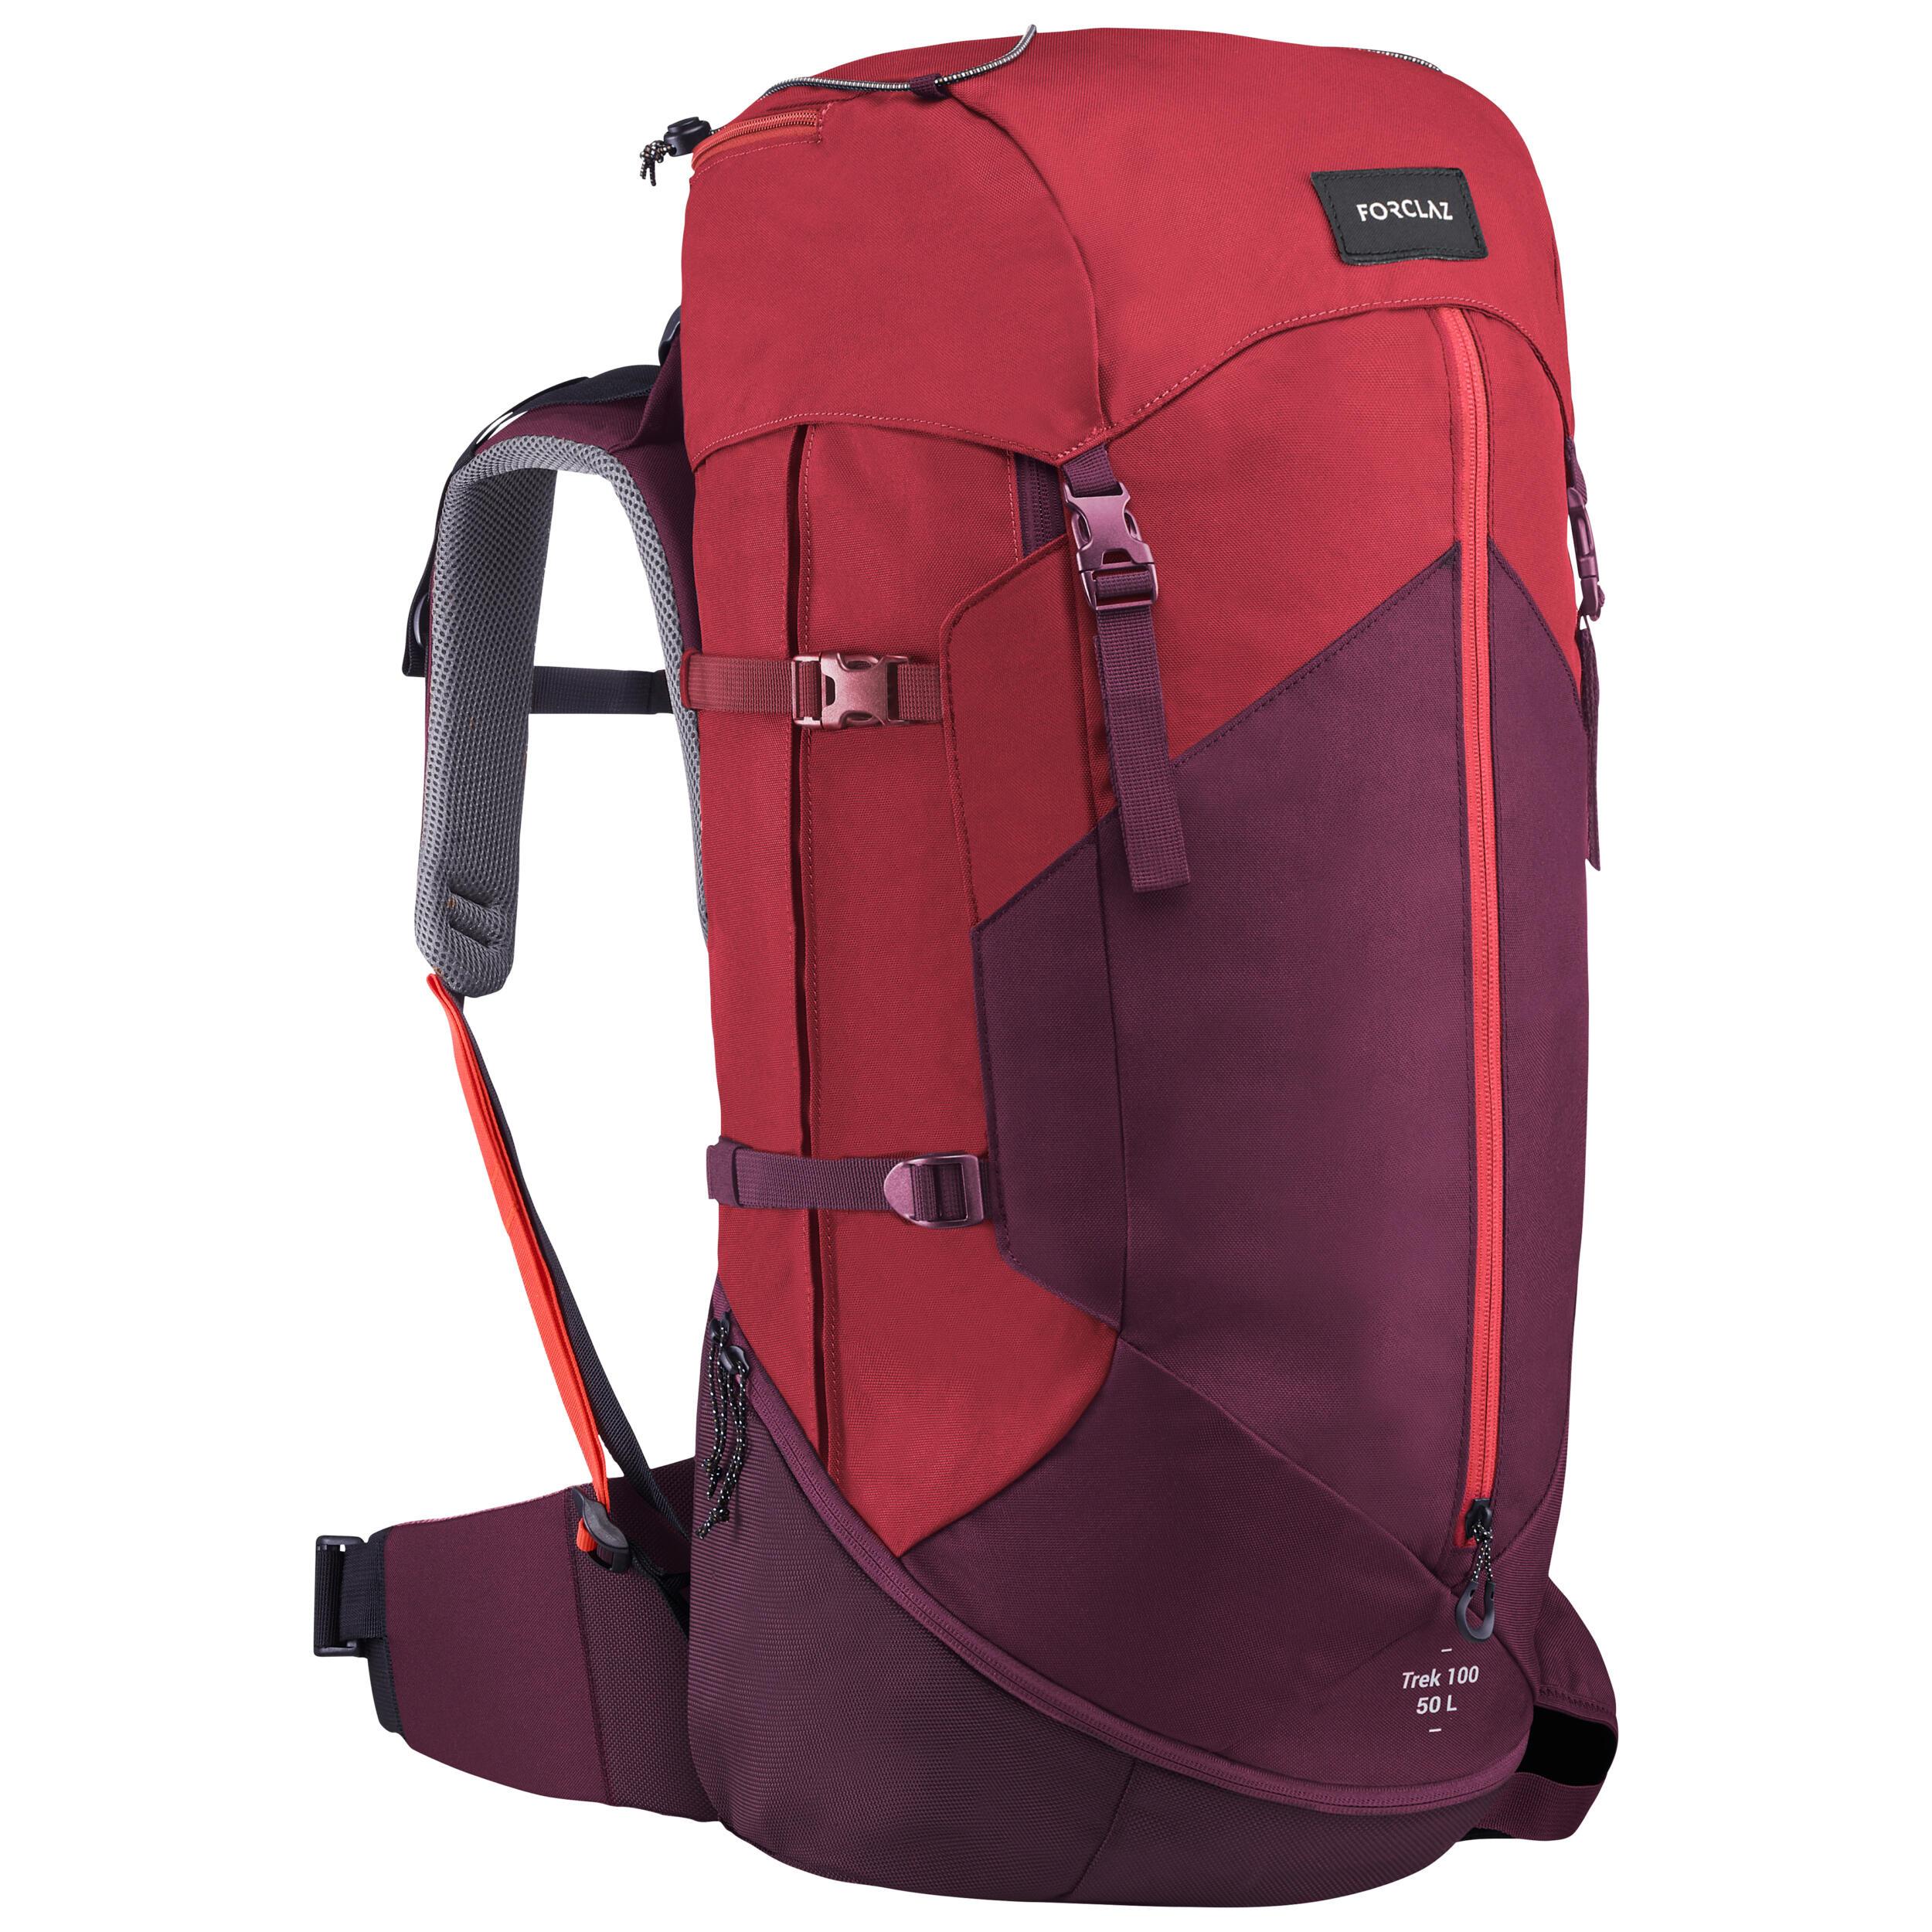 Sac à dos de trekking en montagne femme   TREK 100 EASYFIT 50L rouge jed